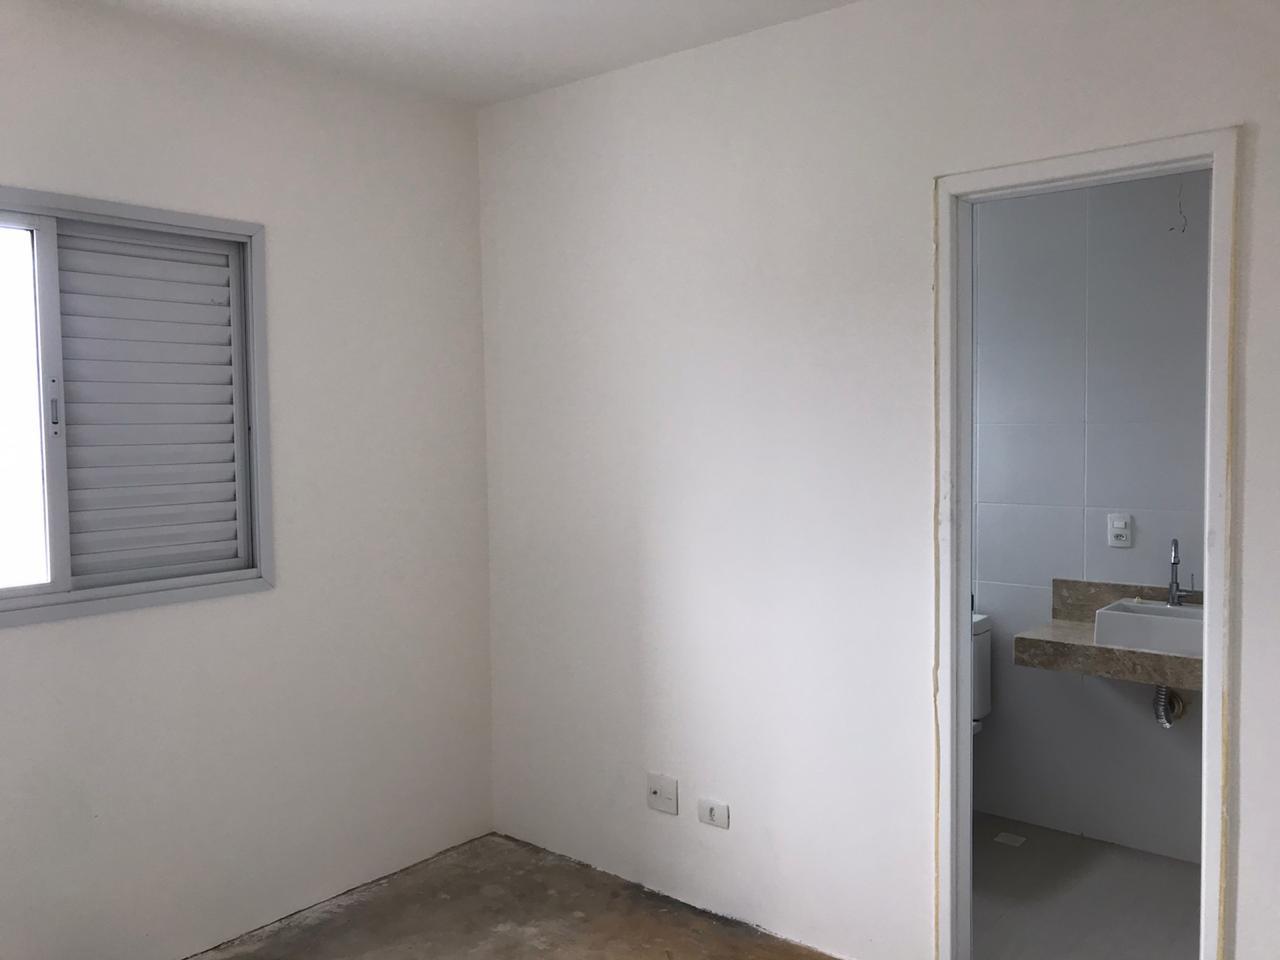 apartamento novo 2 dormitórios com 1 suite e uma varanda gourmet. - foto 6